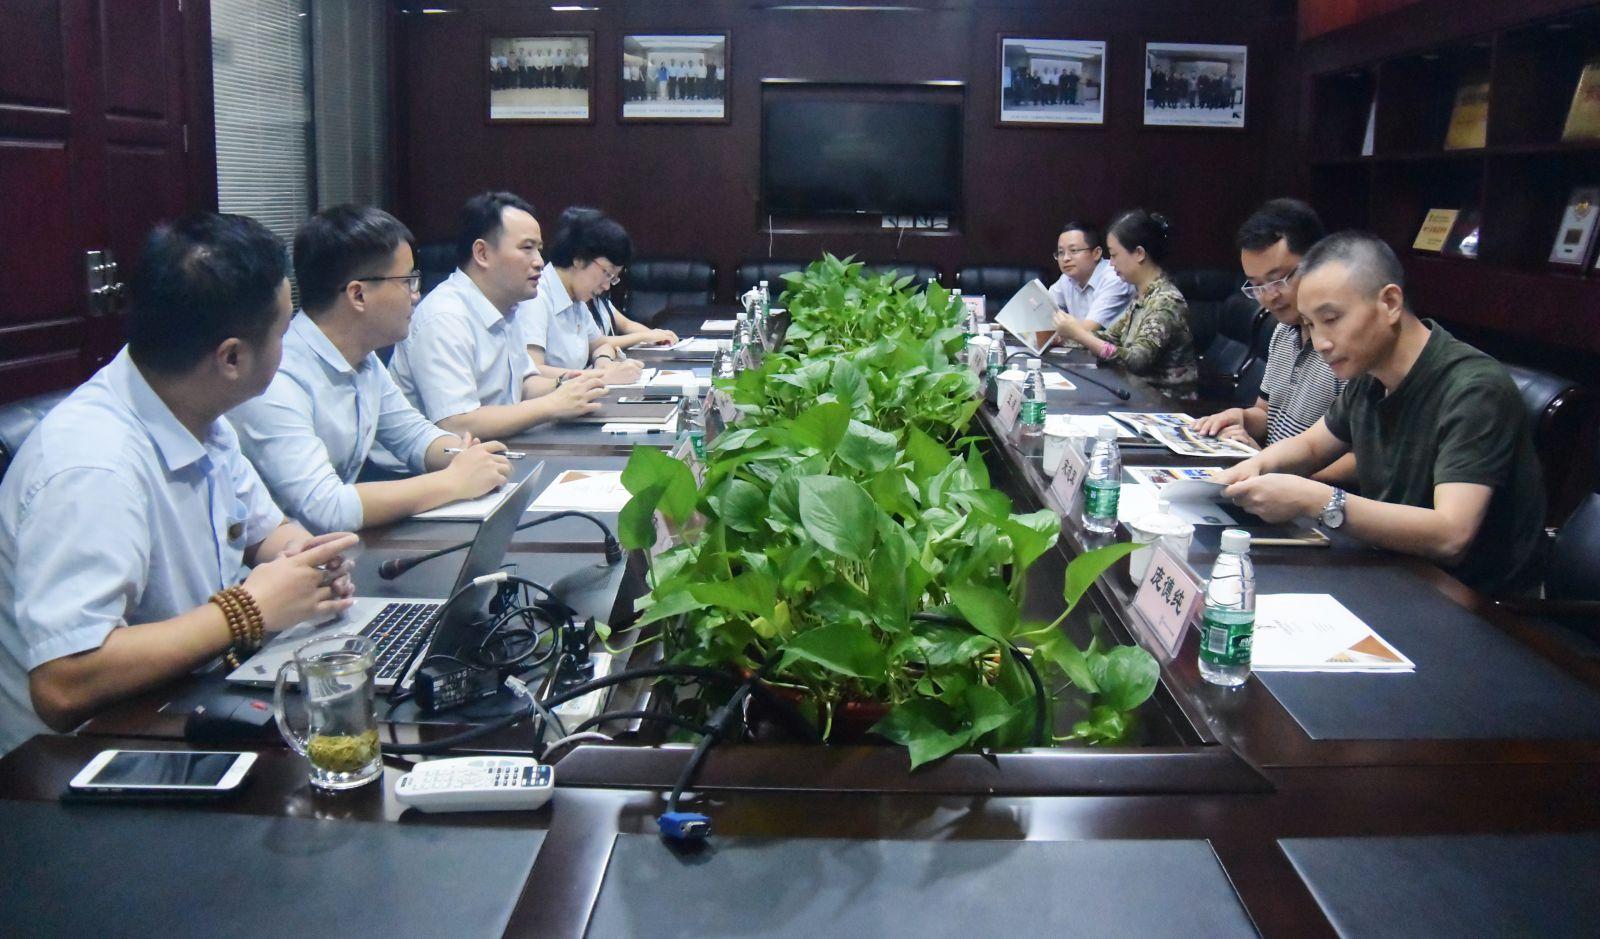 国家知识产权局规划发展司调研组莅临行之指导工作